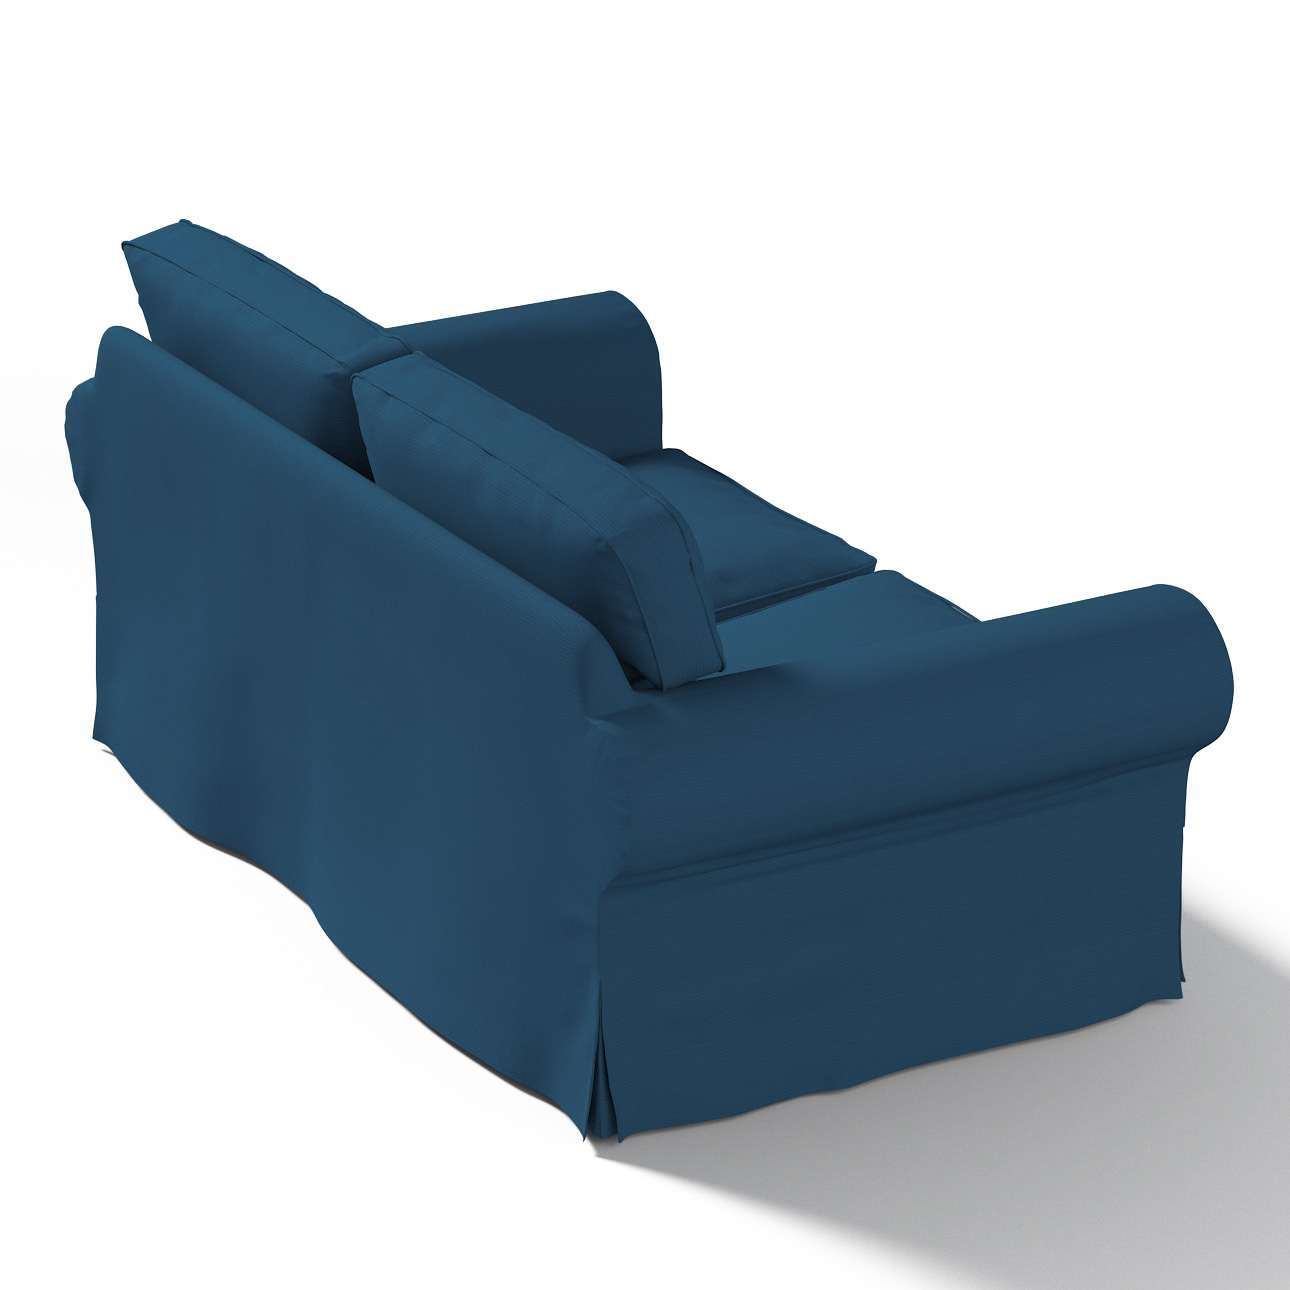 Pokrowiec na sofę Ektorp 2-osobową, rozkładaną STARY MODEL Sofa Ektorp 2-osobowa rozkładana w kolekcji Cotton Panama, tkanina: 702-30